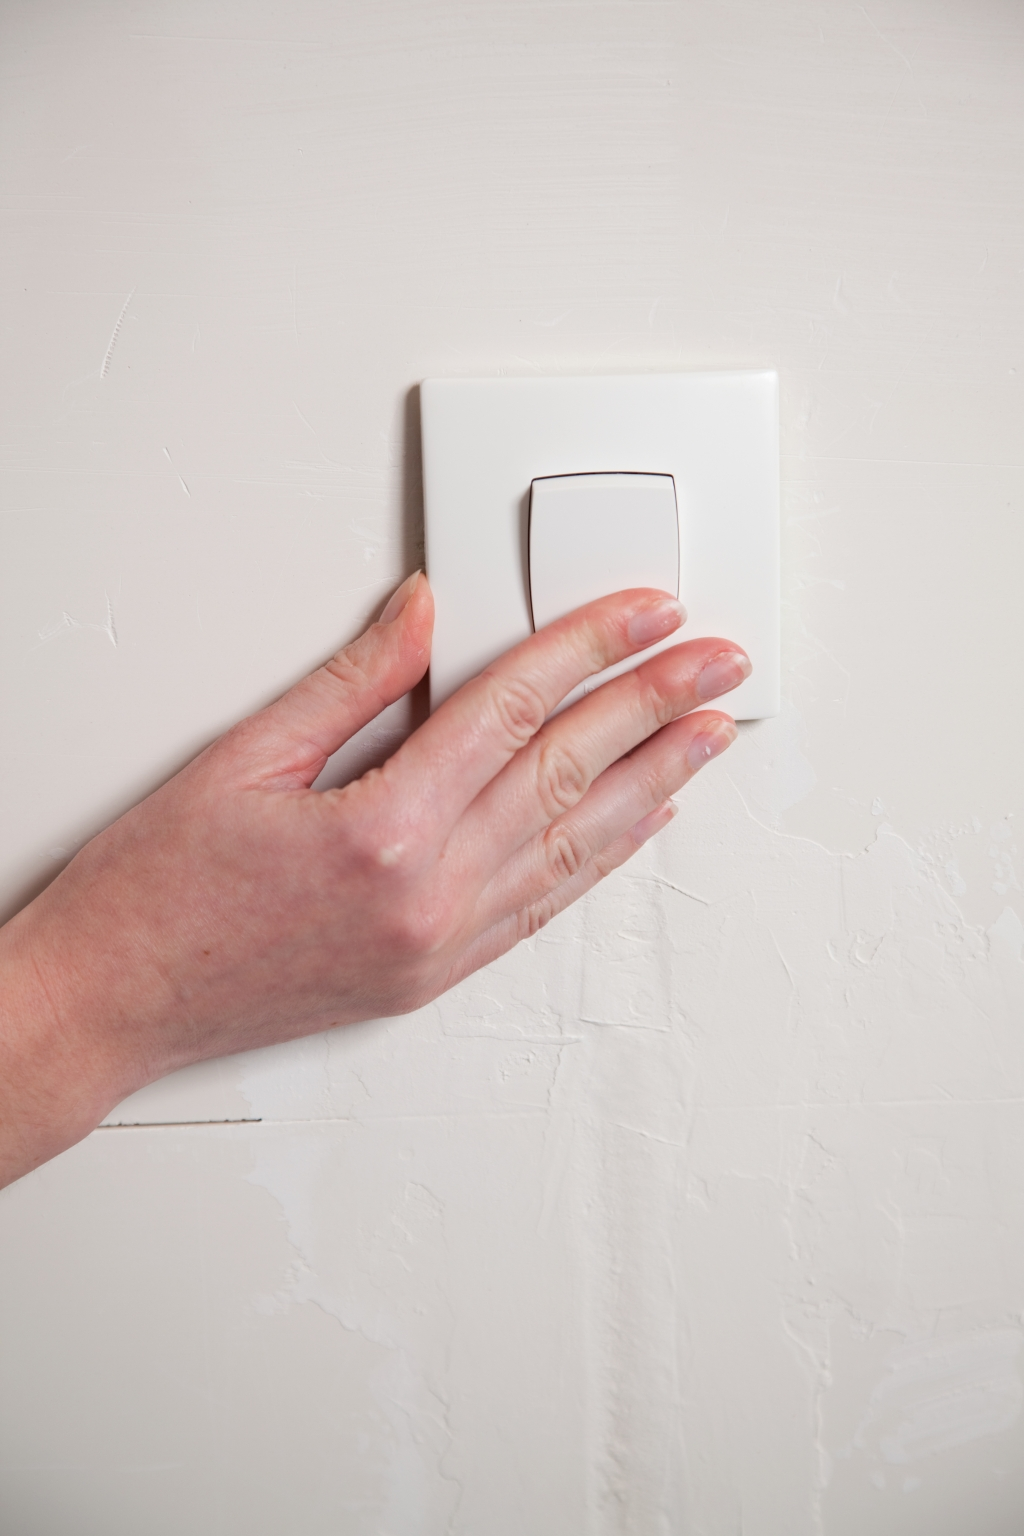 Installer un interrupteur encastré